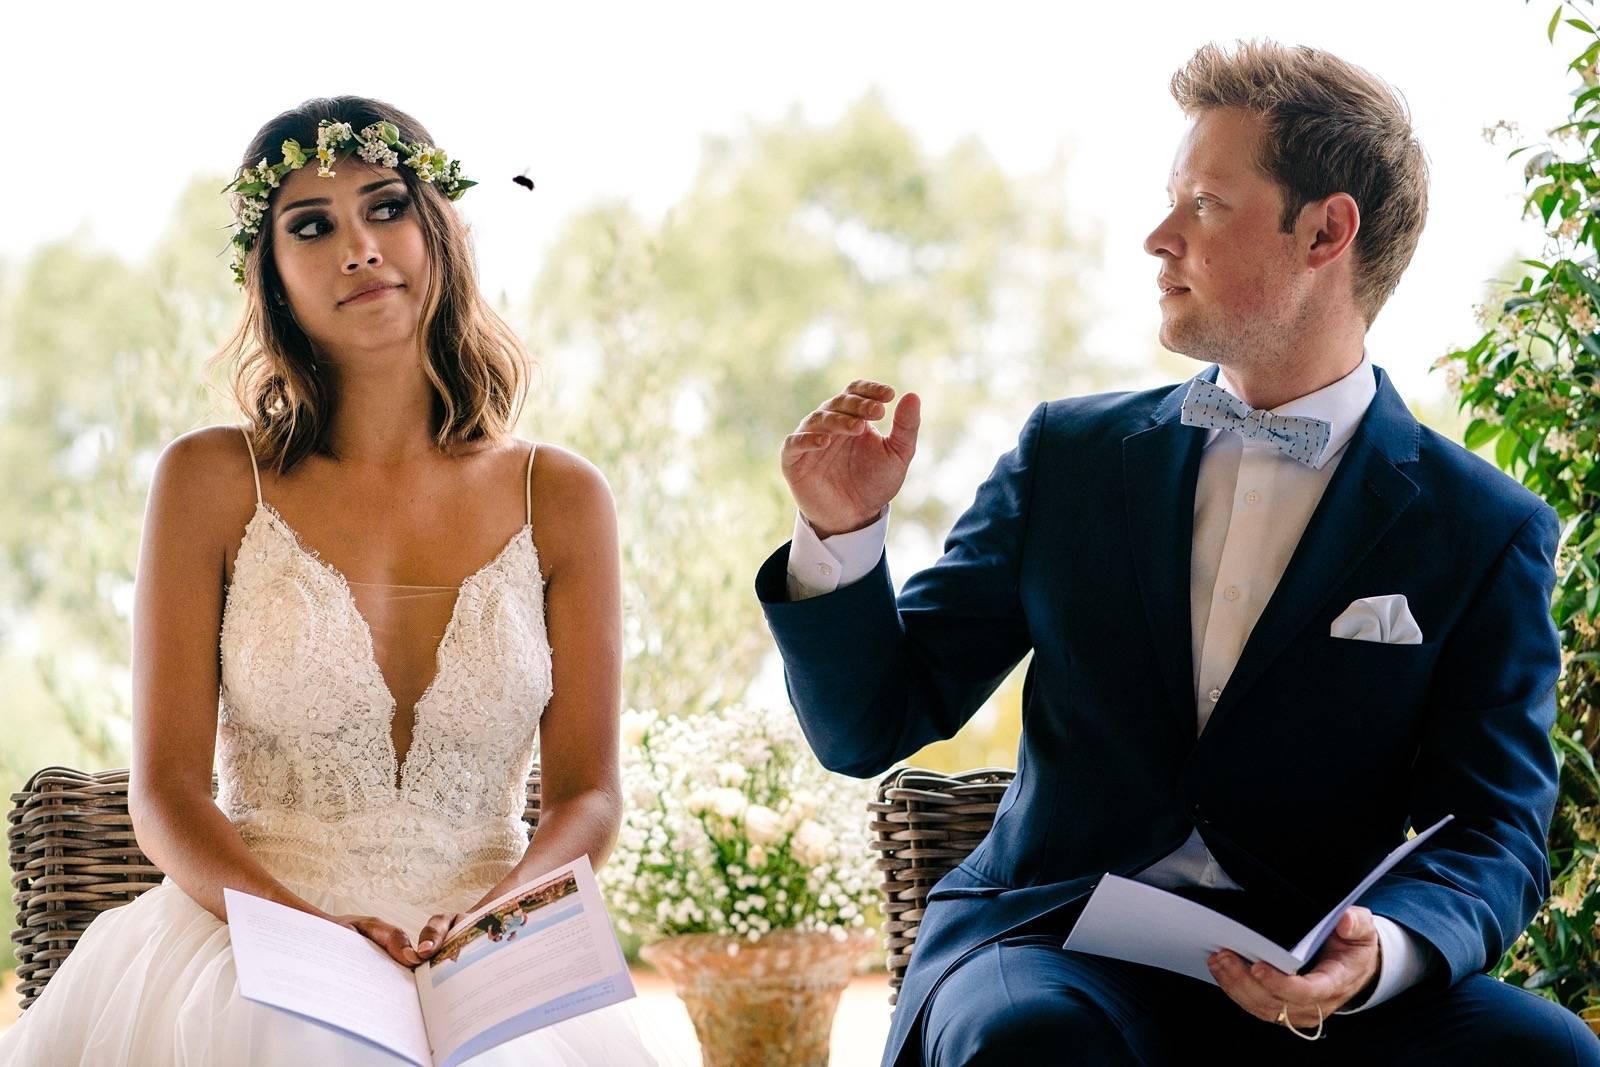 Yves Schepers Photography - Fotograaf - Huwelijksfotograaf - Trouwfotograaf - Bruidsfotograaf - House of Weddings - 25